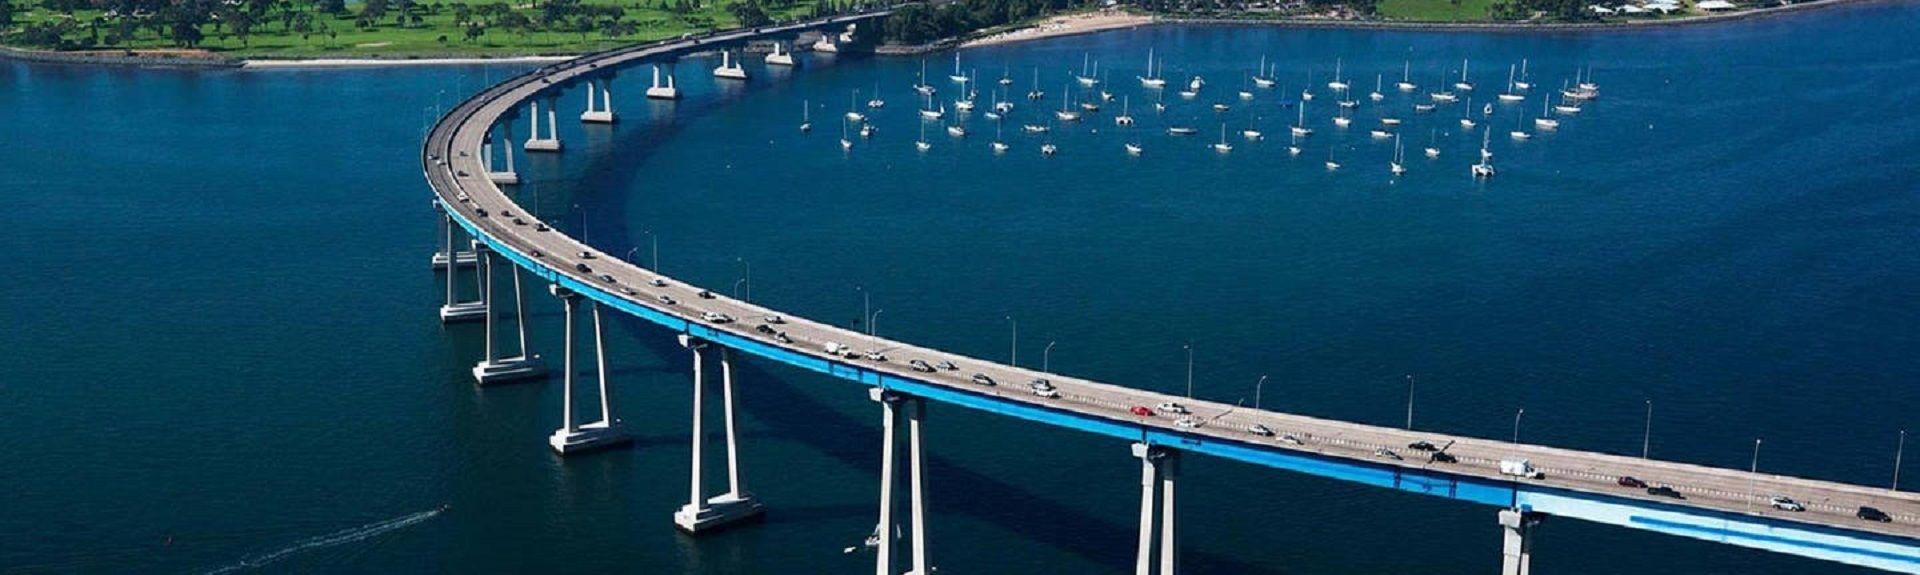 San Diego Coronado Bridge, Coronado, California, USA